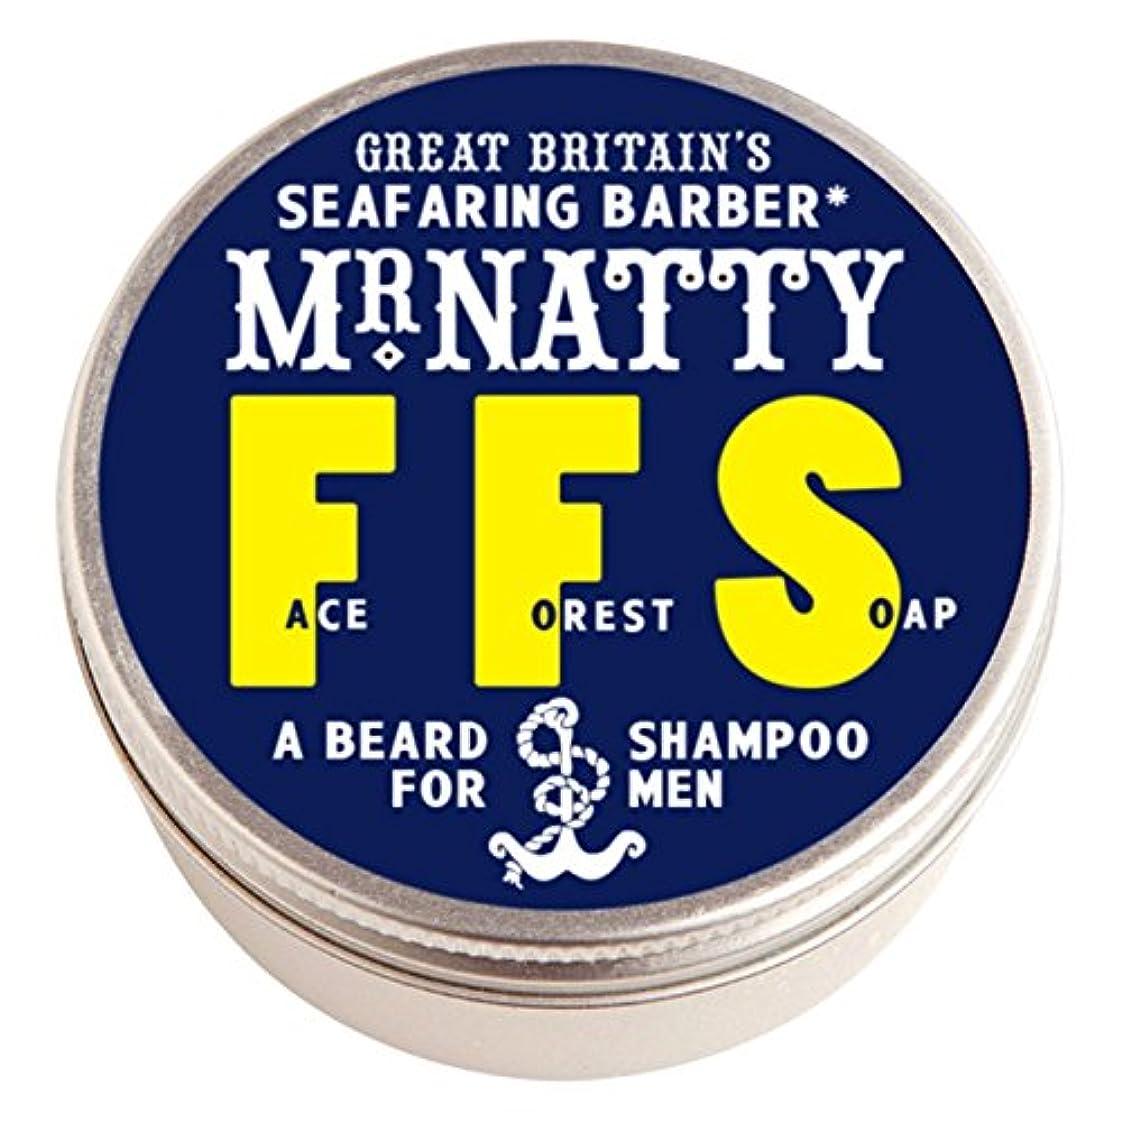 キャビンジャーナリスト十億ミスター粋の森林顔ひげシャンプー (Mr Natty) (x2) - Mr Natty's Forest Face Beard Shampoo (Pack of 2) [並行輸入品]